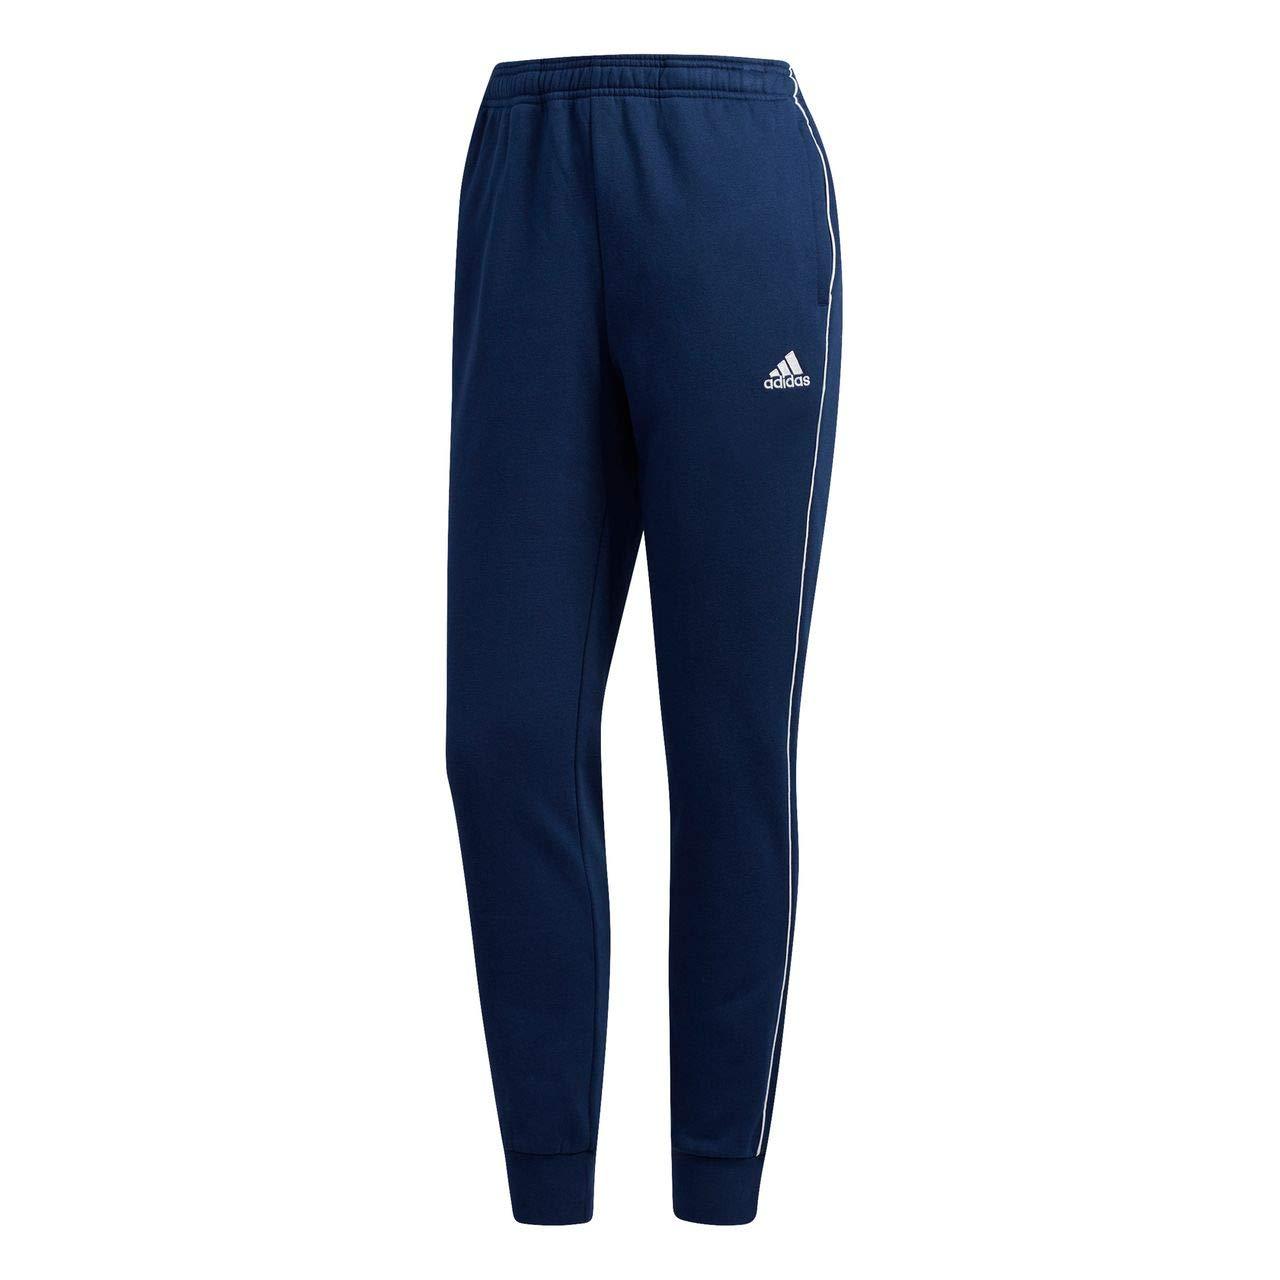 Adidas Damen Core 18 Hose